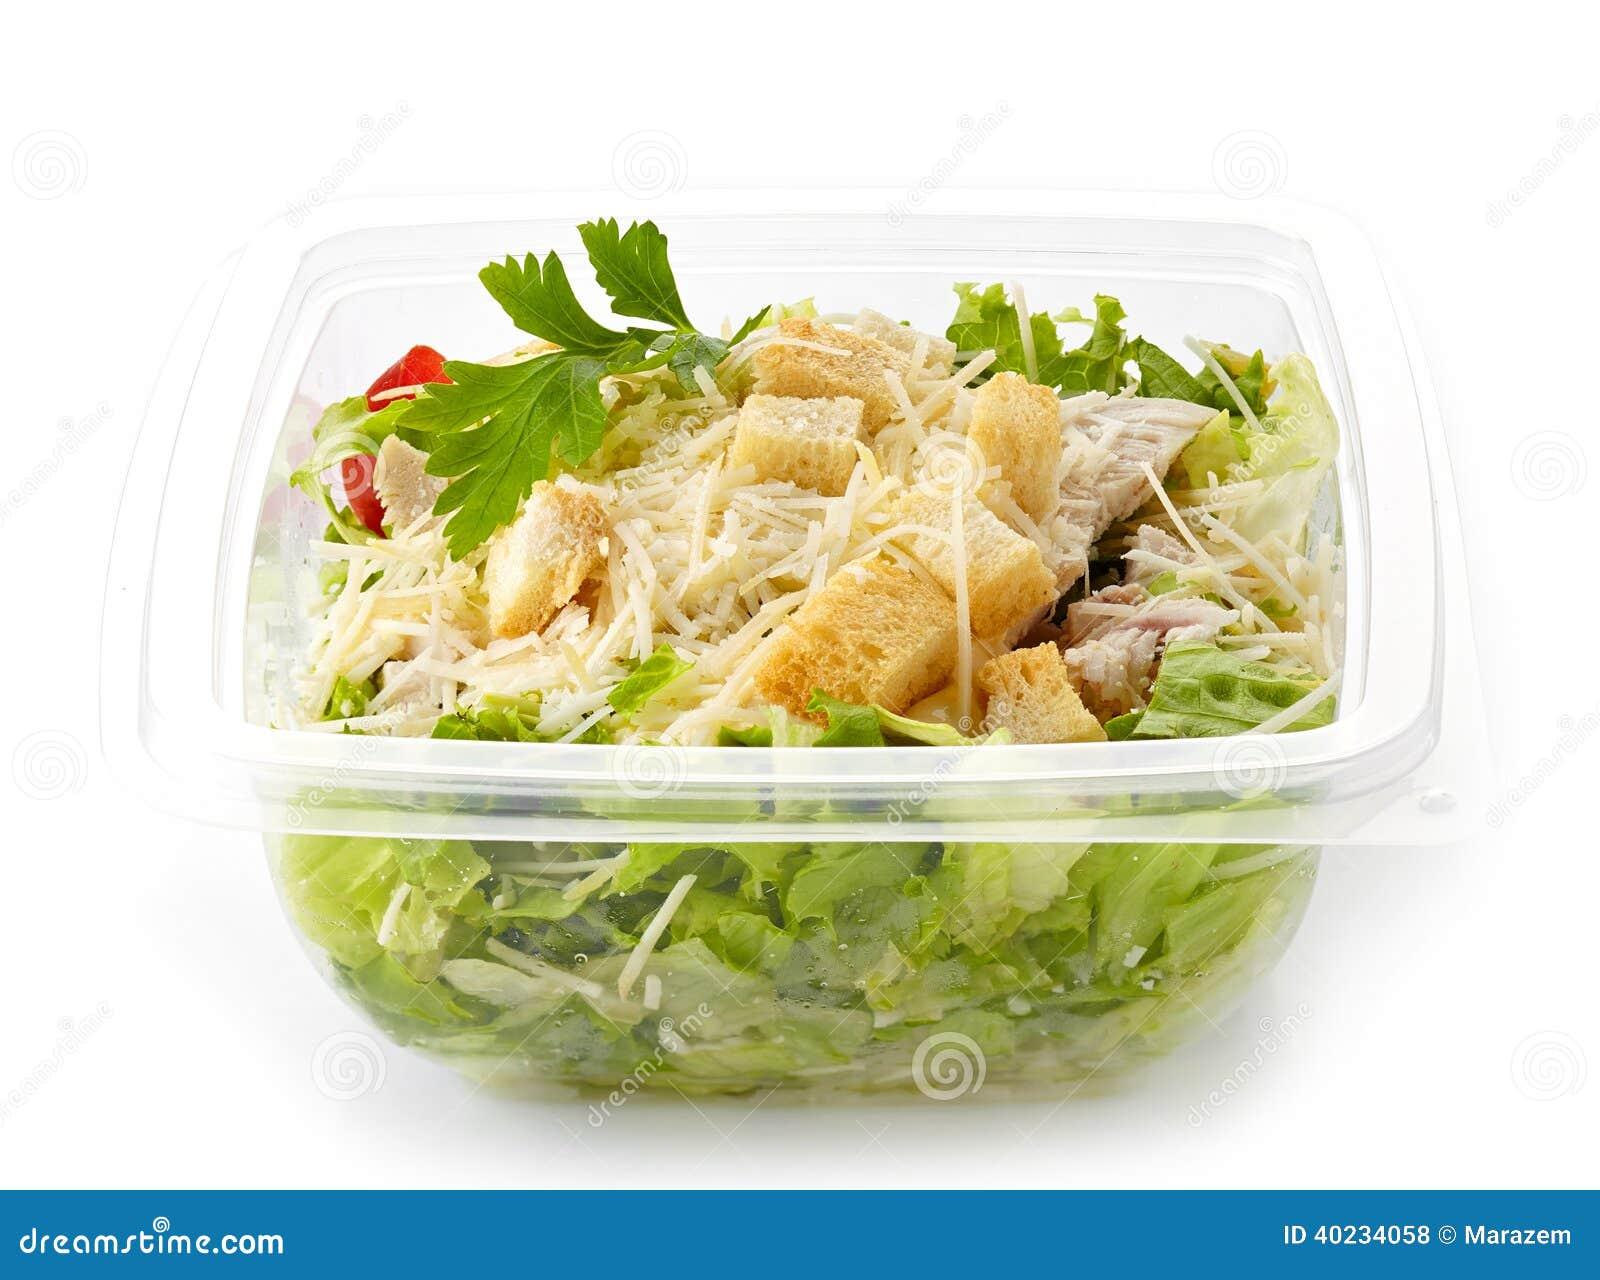 Салат в коробке пластичного взятия отсутствующей